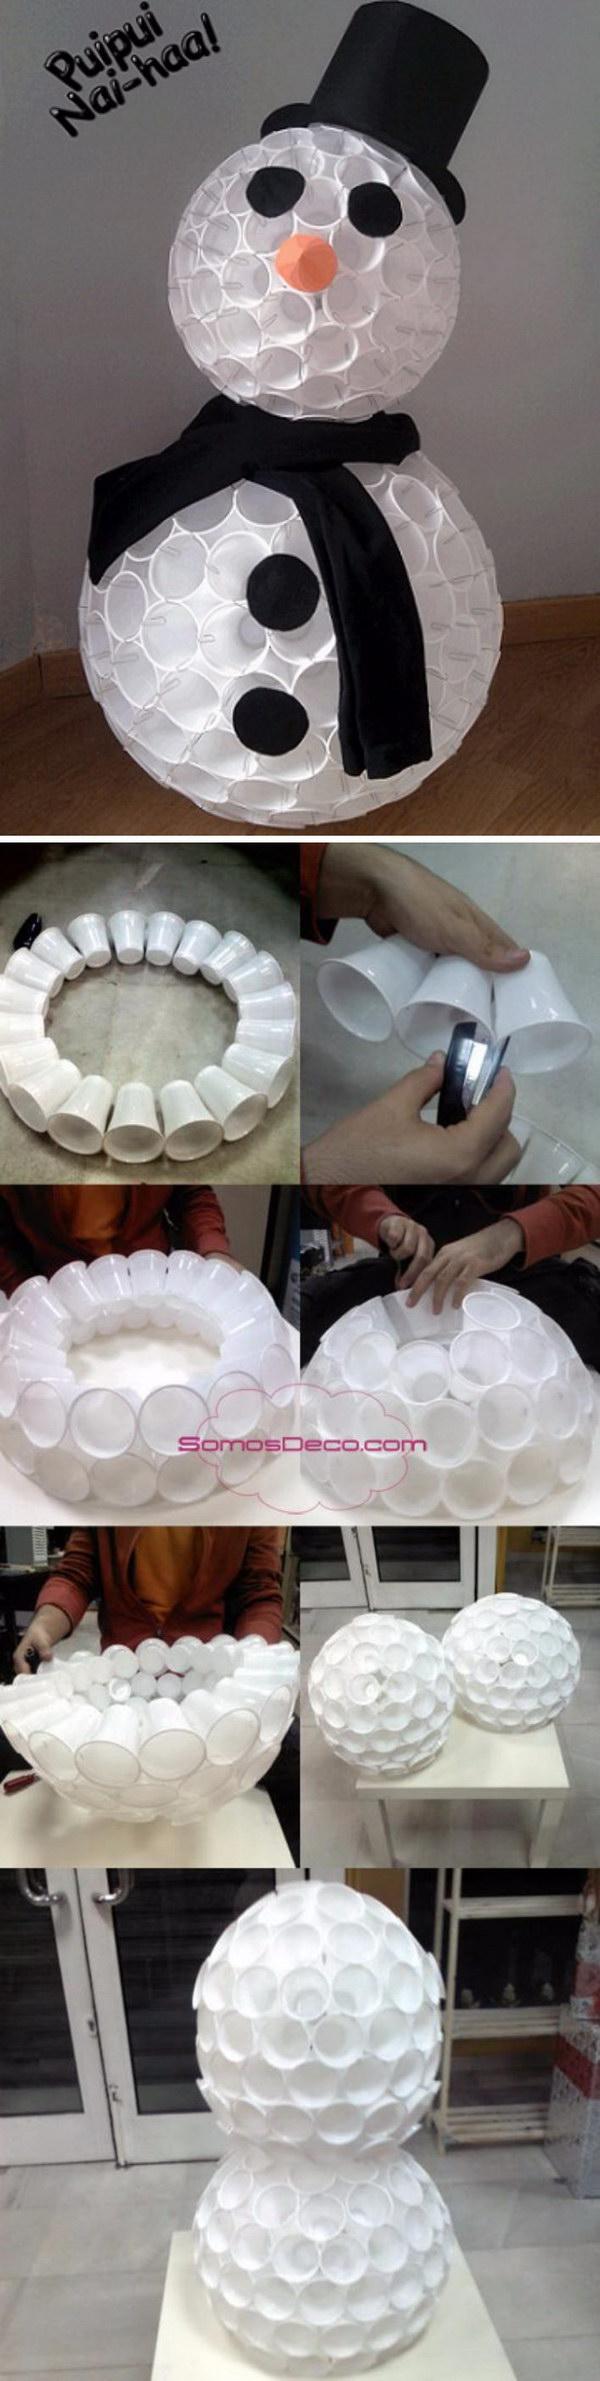 Plastic Cup Snowman.